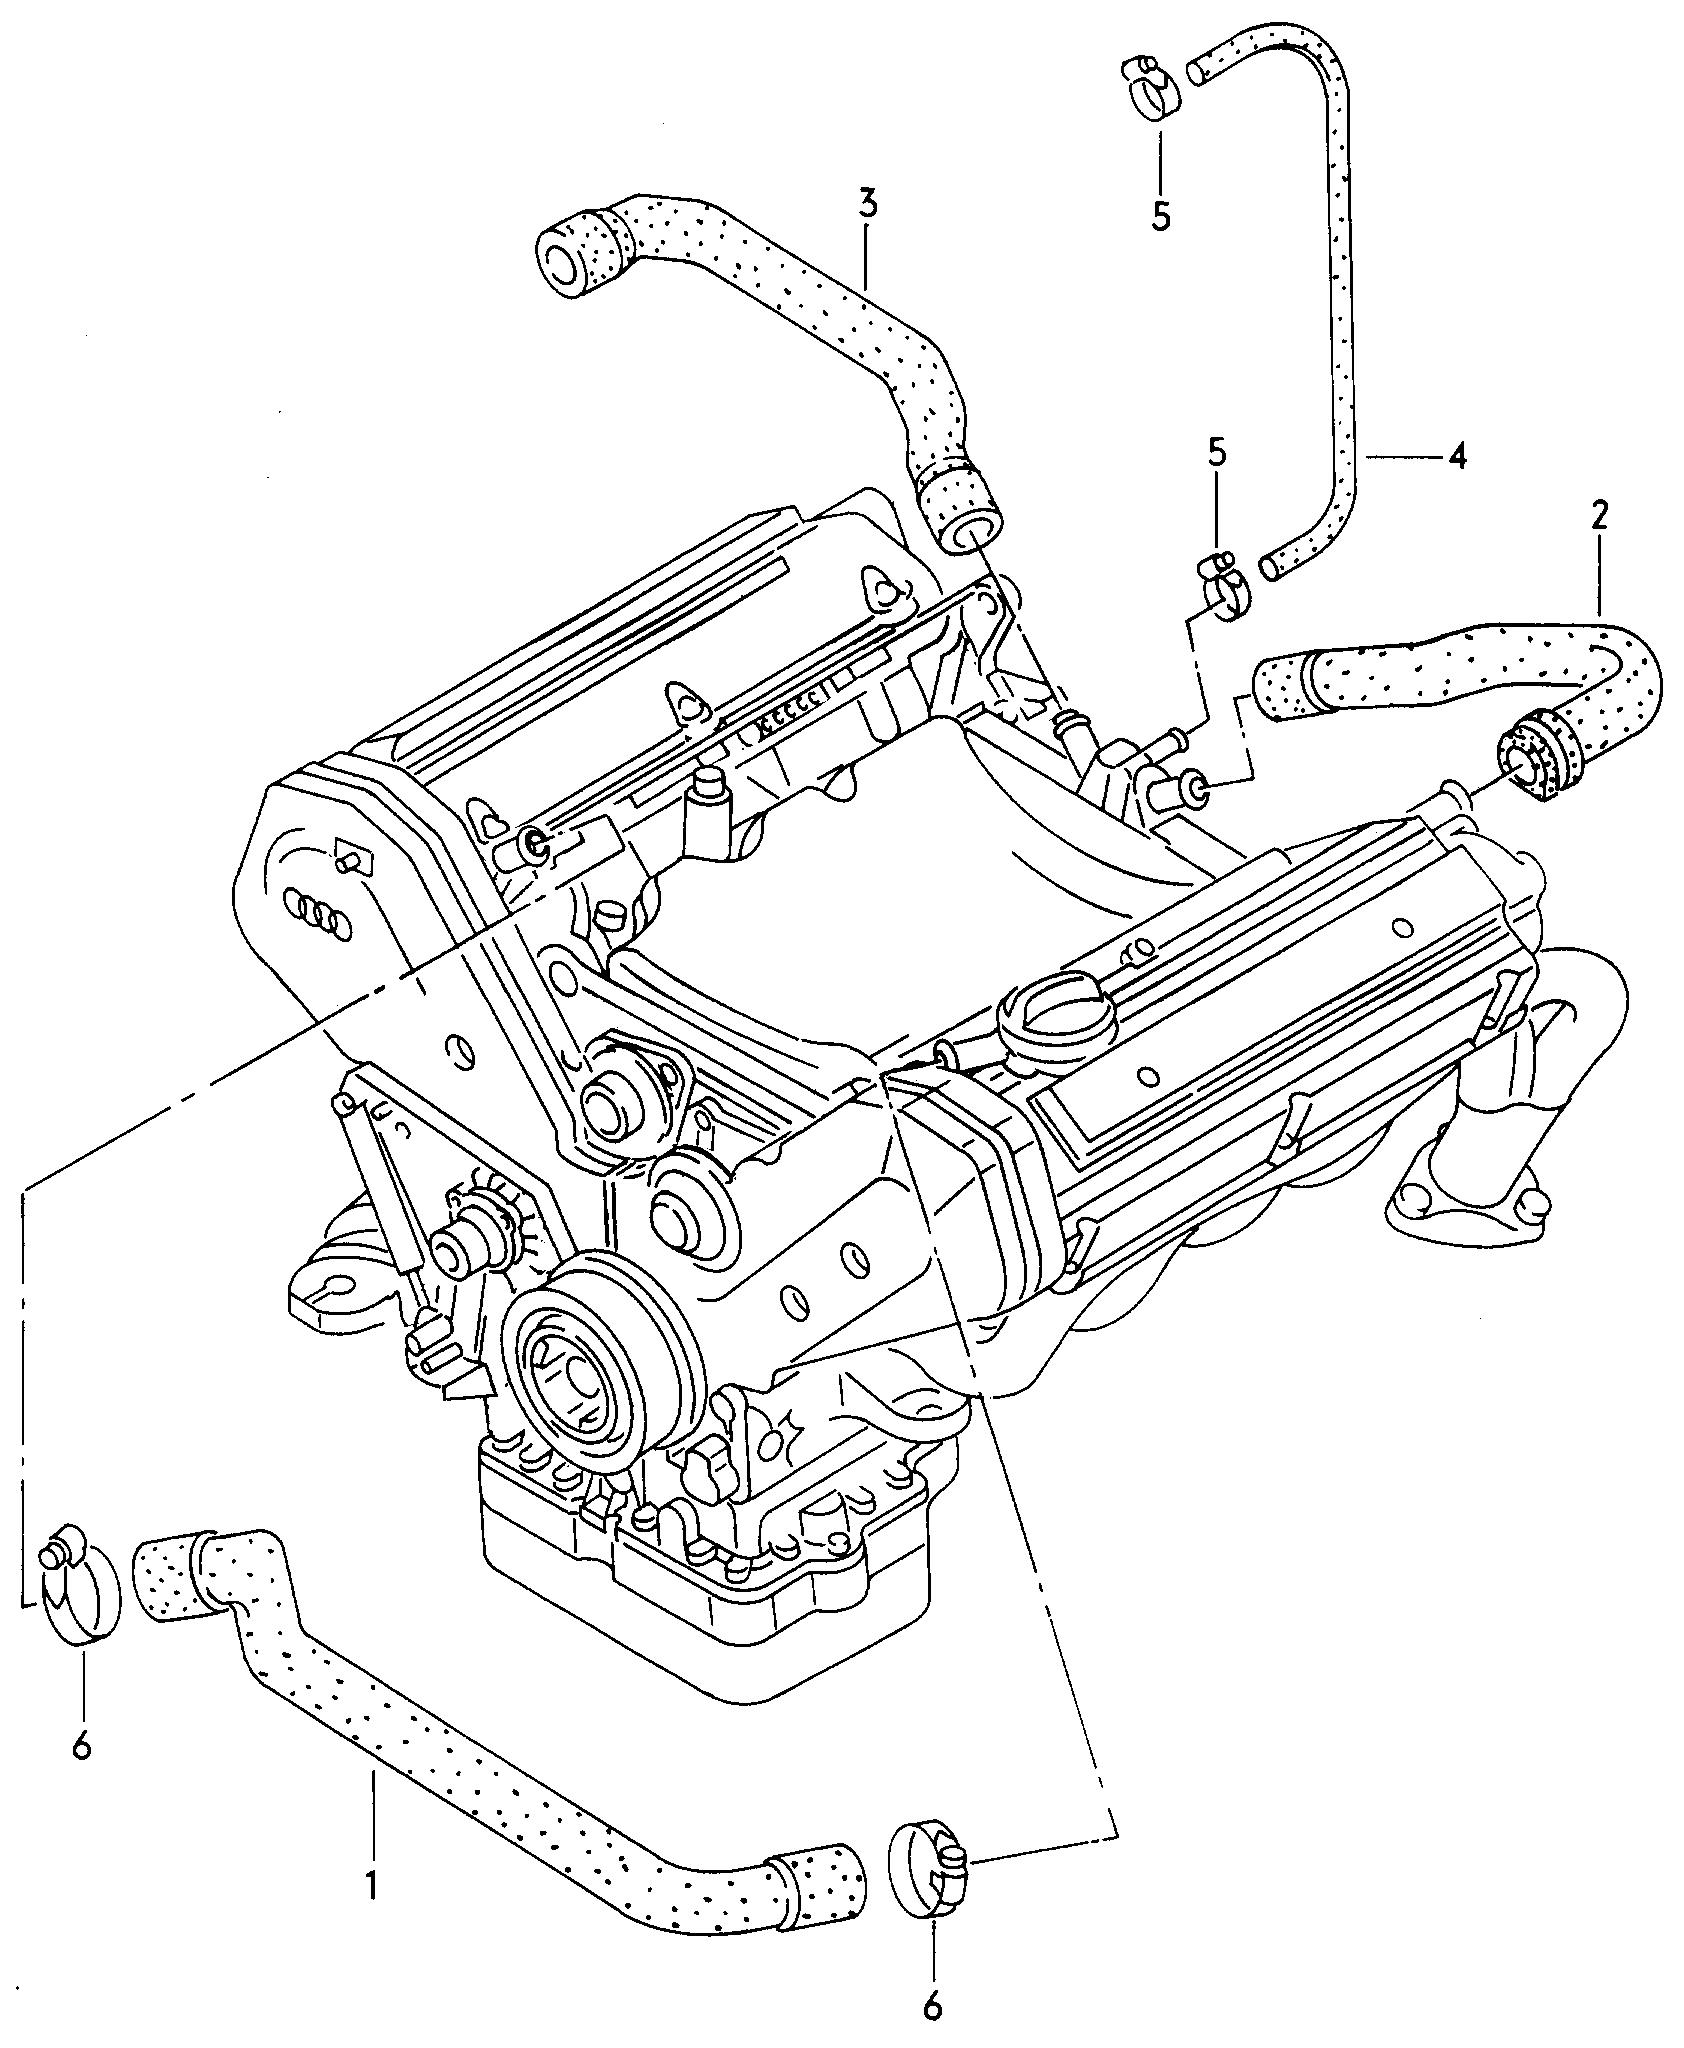 Audi A8 Europe 1999 4d X 004 999 Engine 10397 Diagram Parts